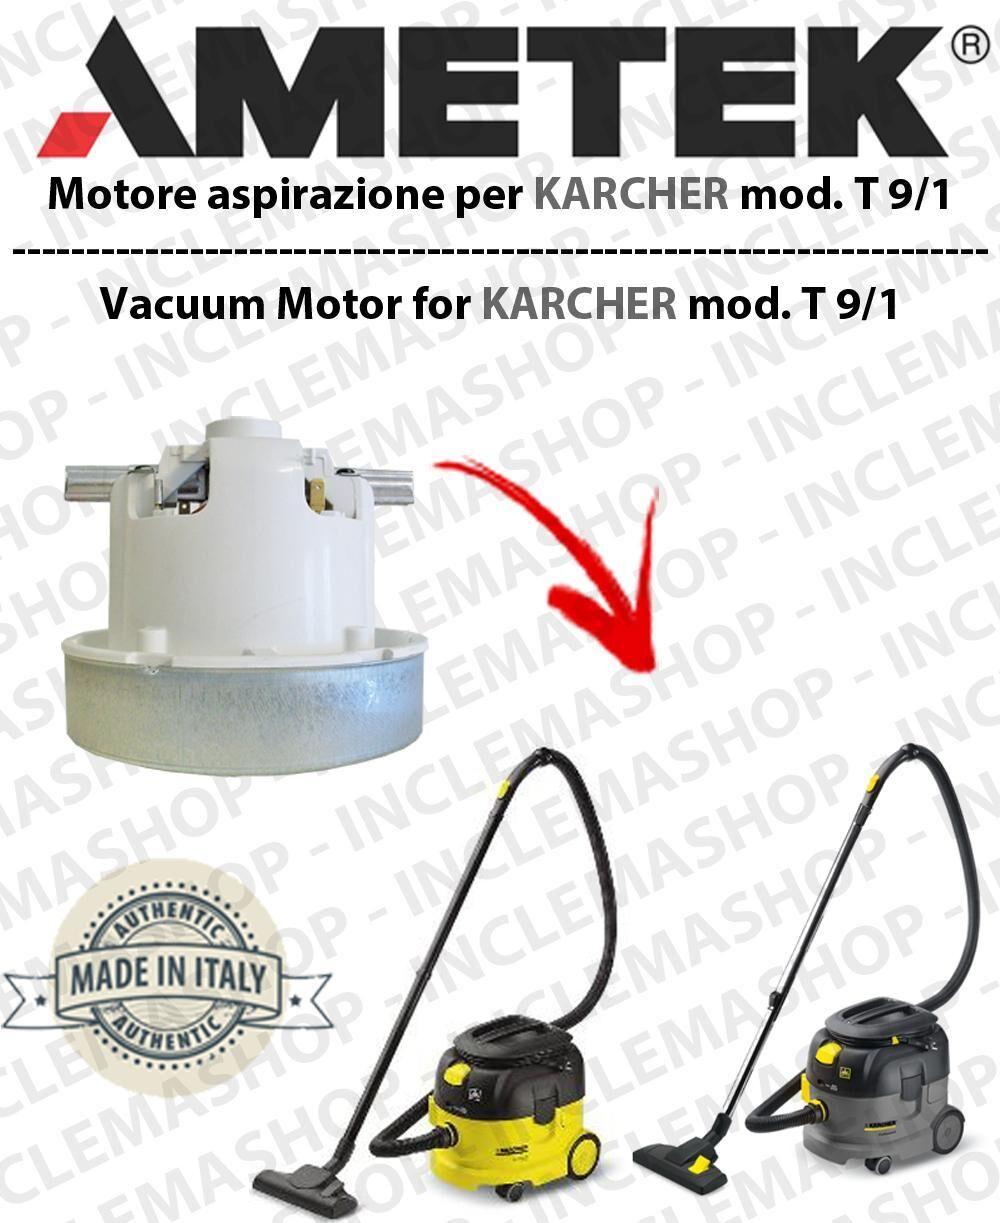 Karcher T 9/1 MOTORE AMETEK di aspirazione per aspirapolvere